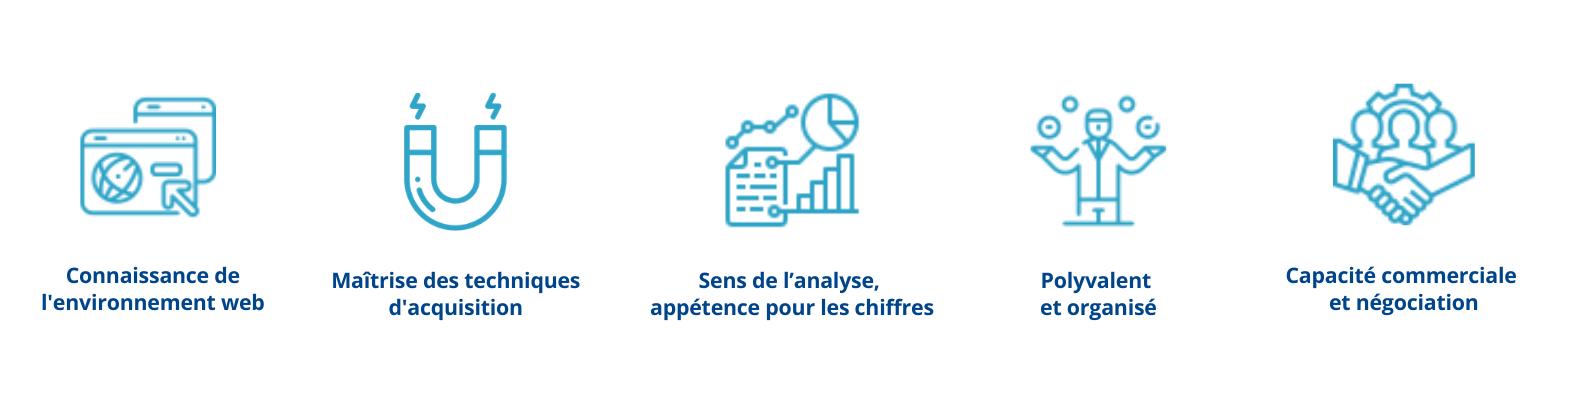 euridis-ecole-de-commerce-vente-marketing-page-metier-responsable-acquisition-metiers-du-web